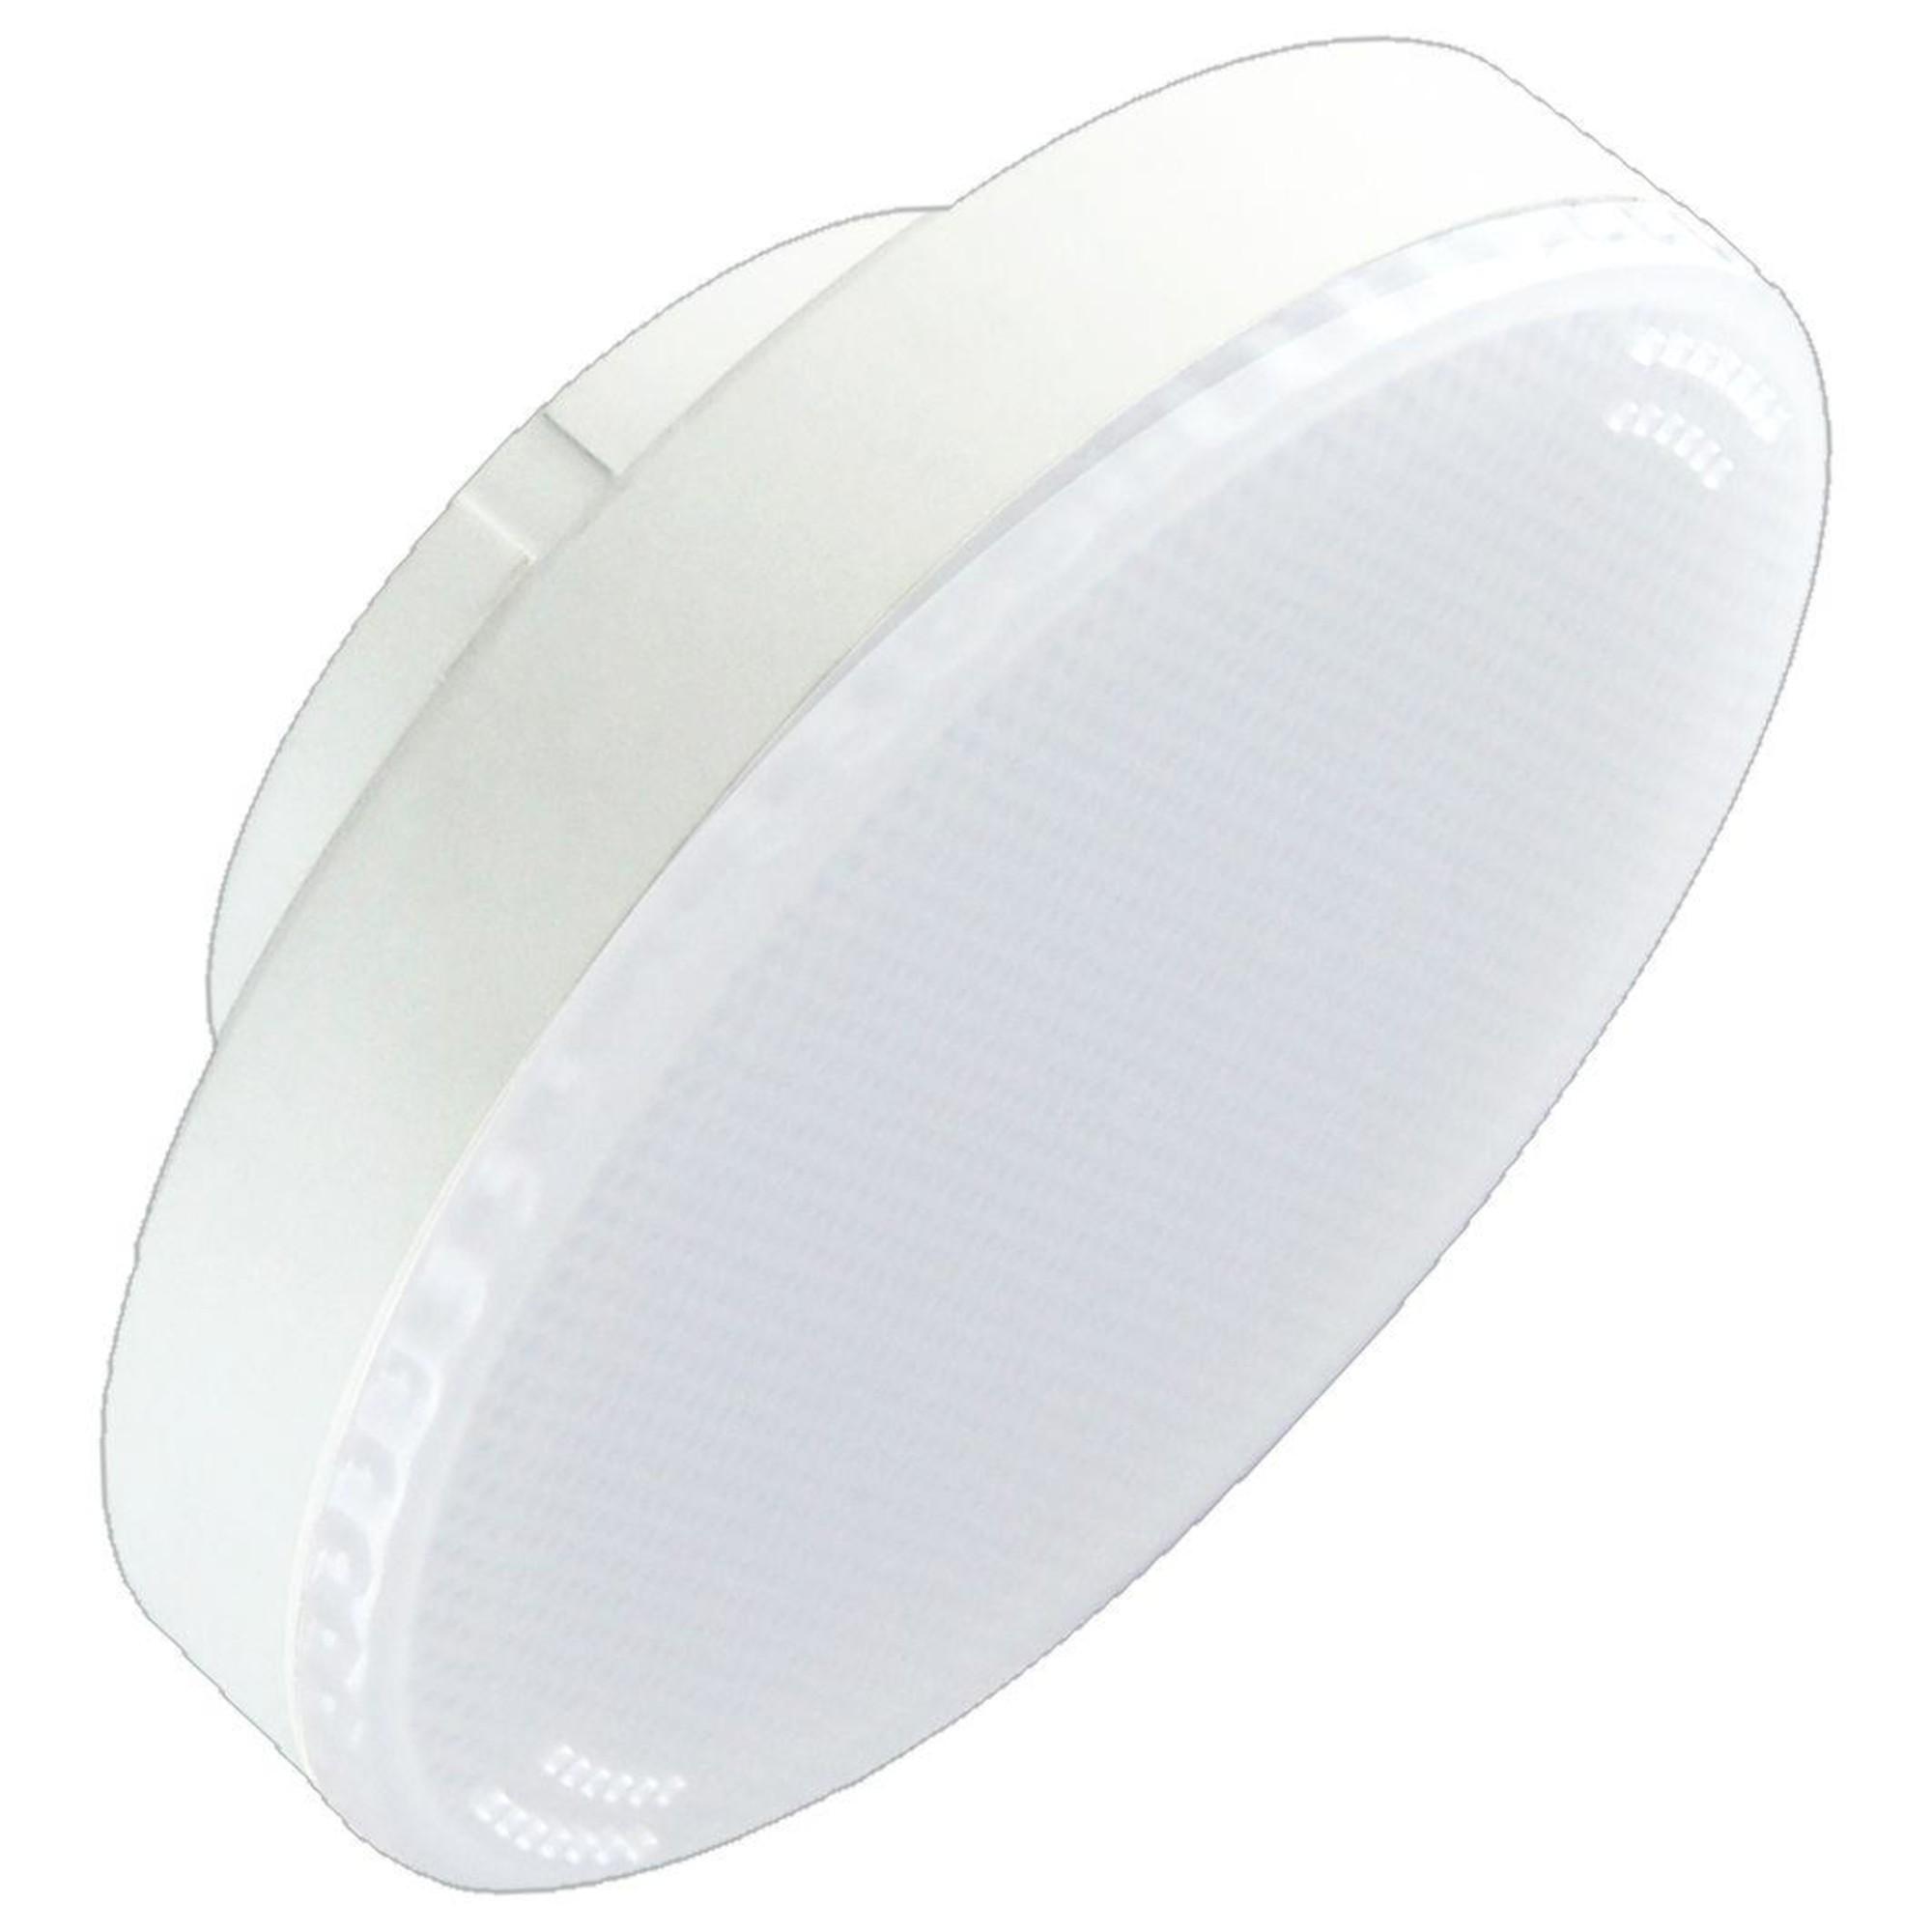 Лампа Ecola стандарт светодионая GX53 6 Вт таблетка 480 Лм теплый свет